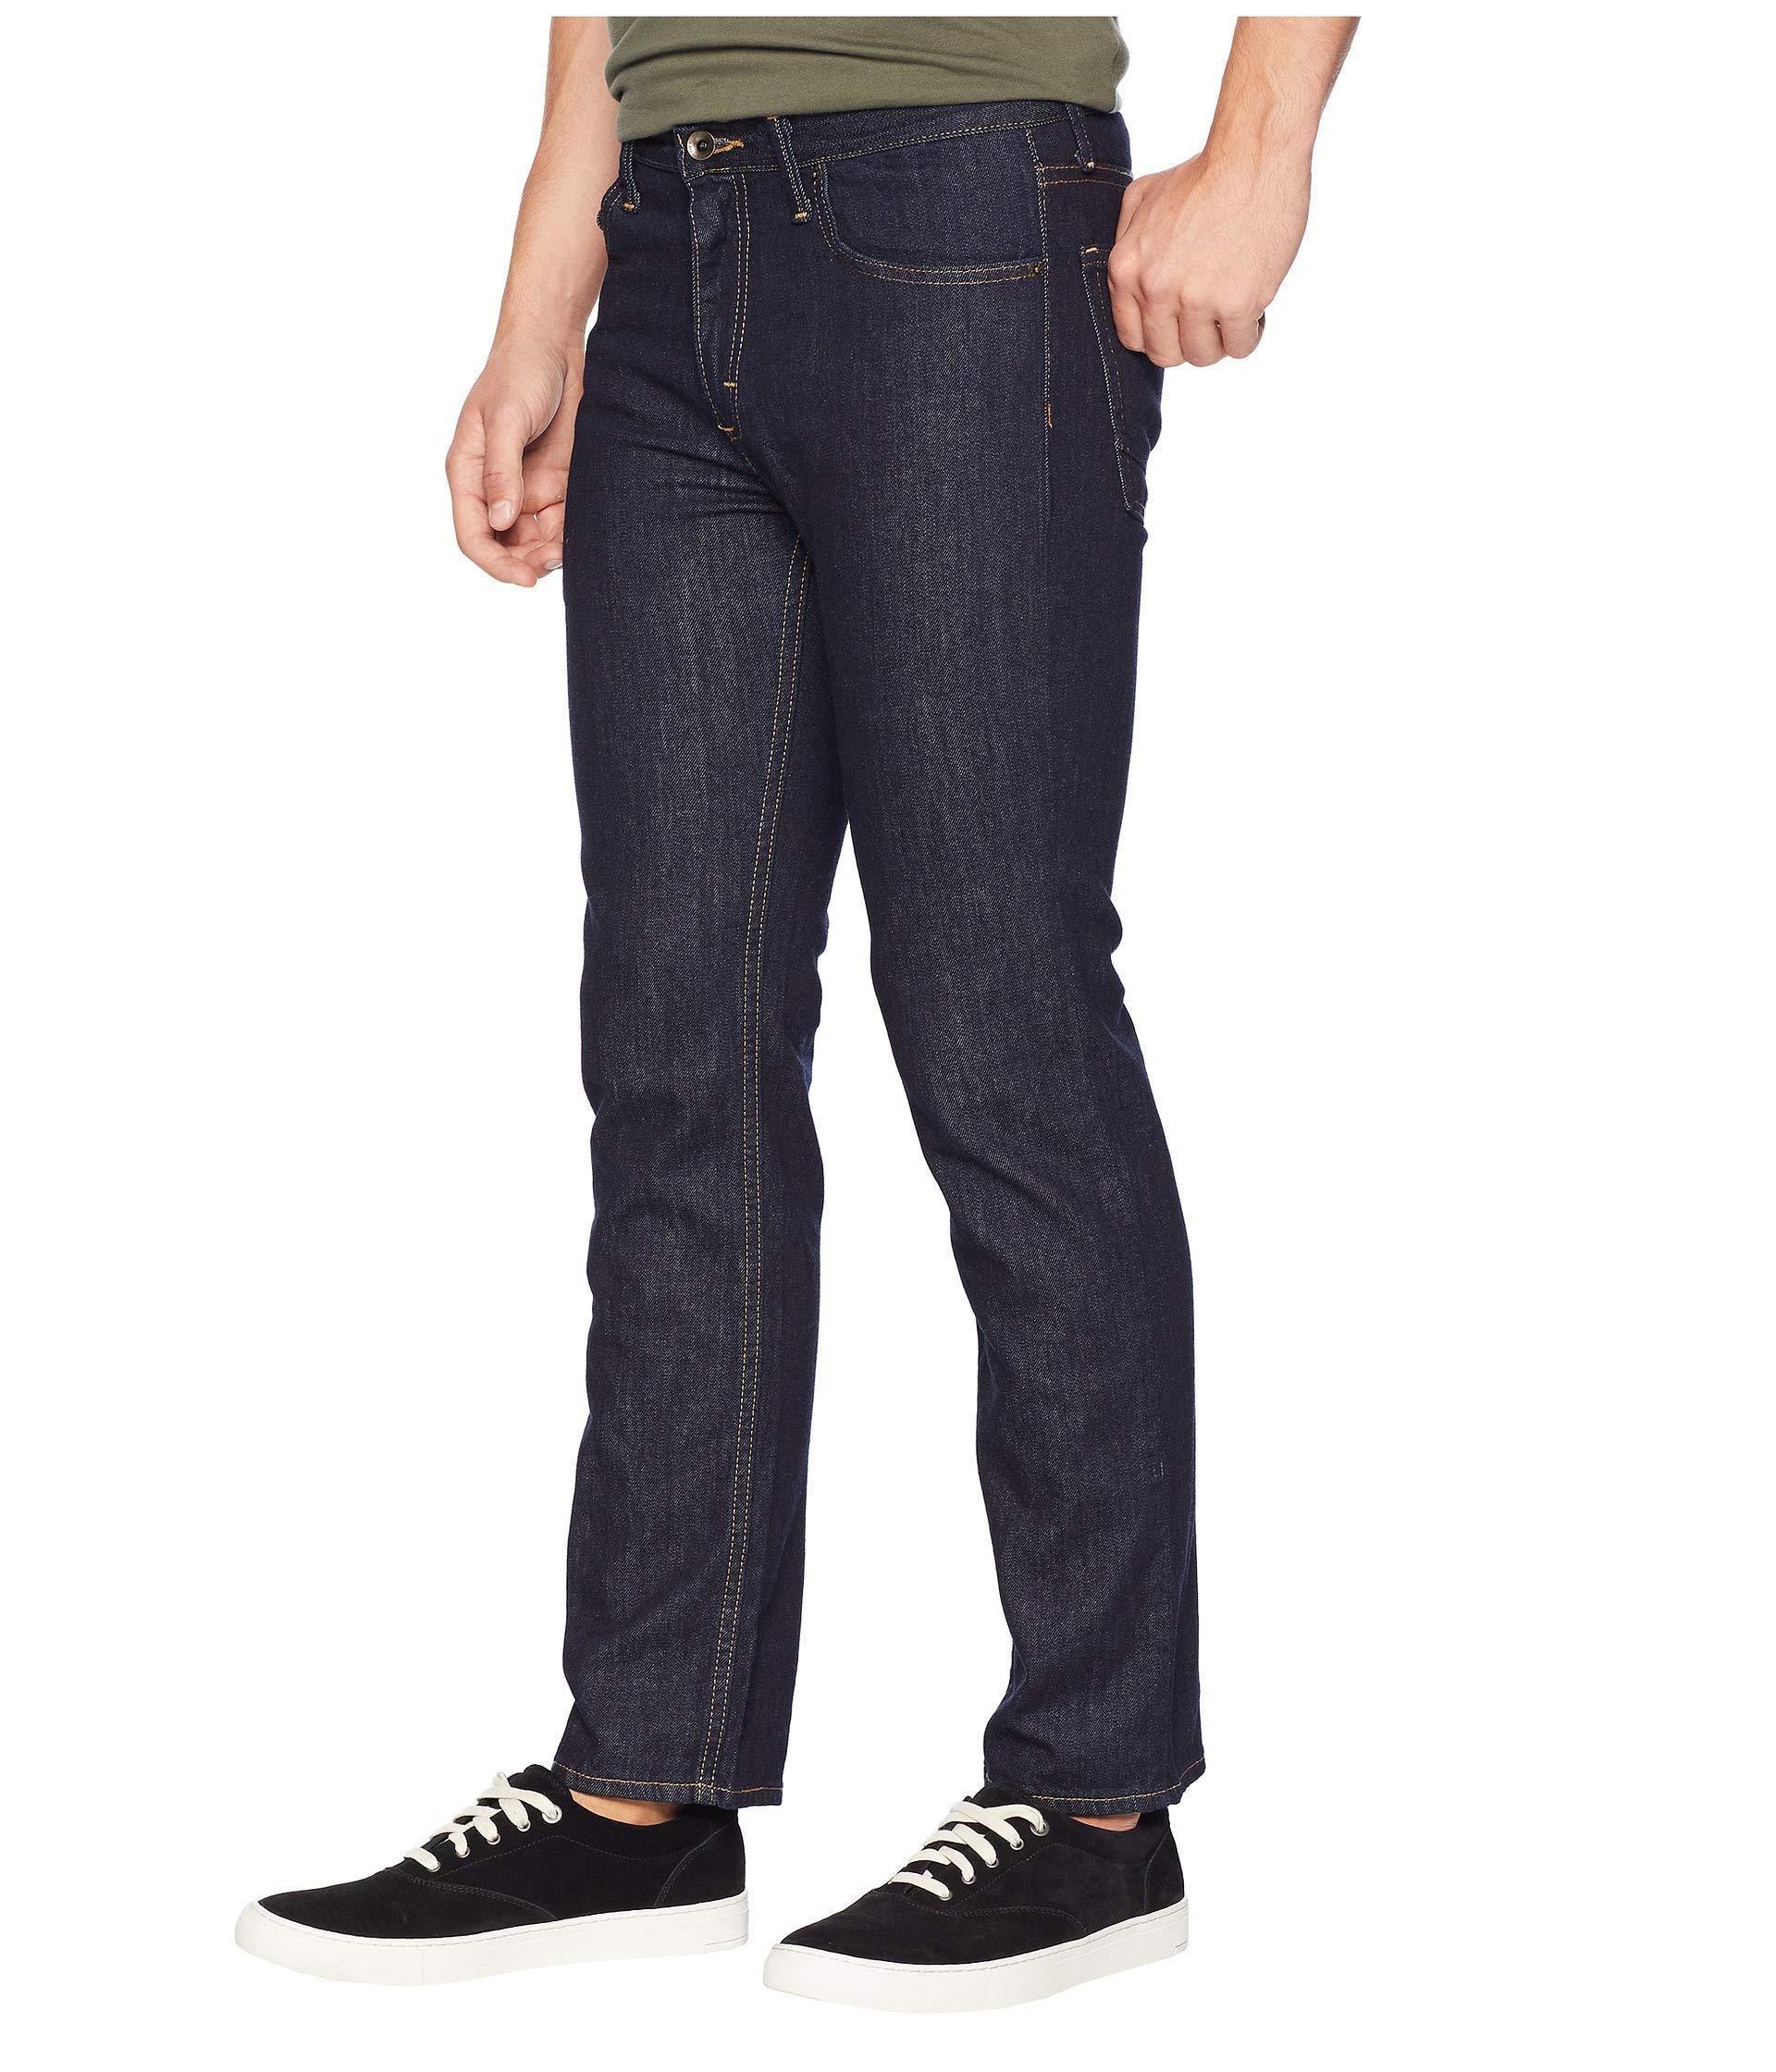 ca158efe194707 Lyst - Vans V16 Slim Jeans In Indigo (indigo) Men s Jeans in Blue ...